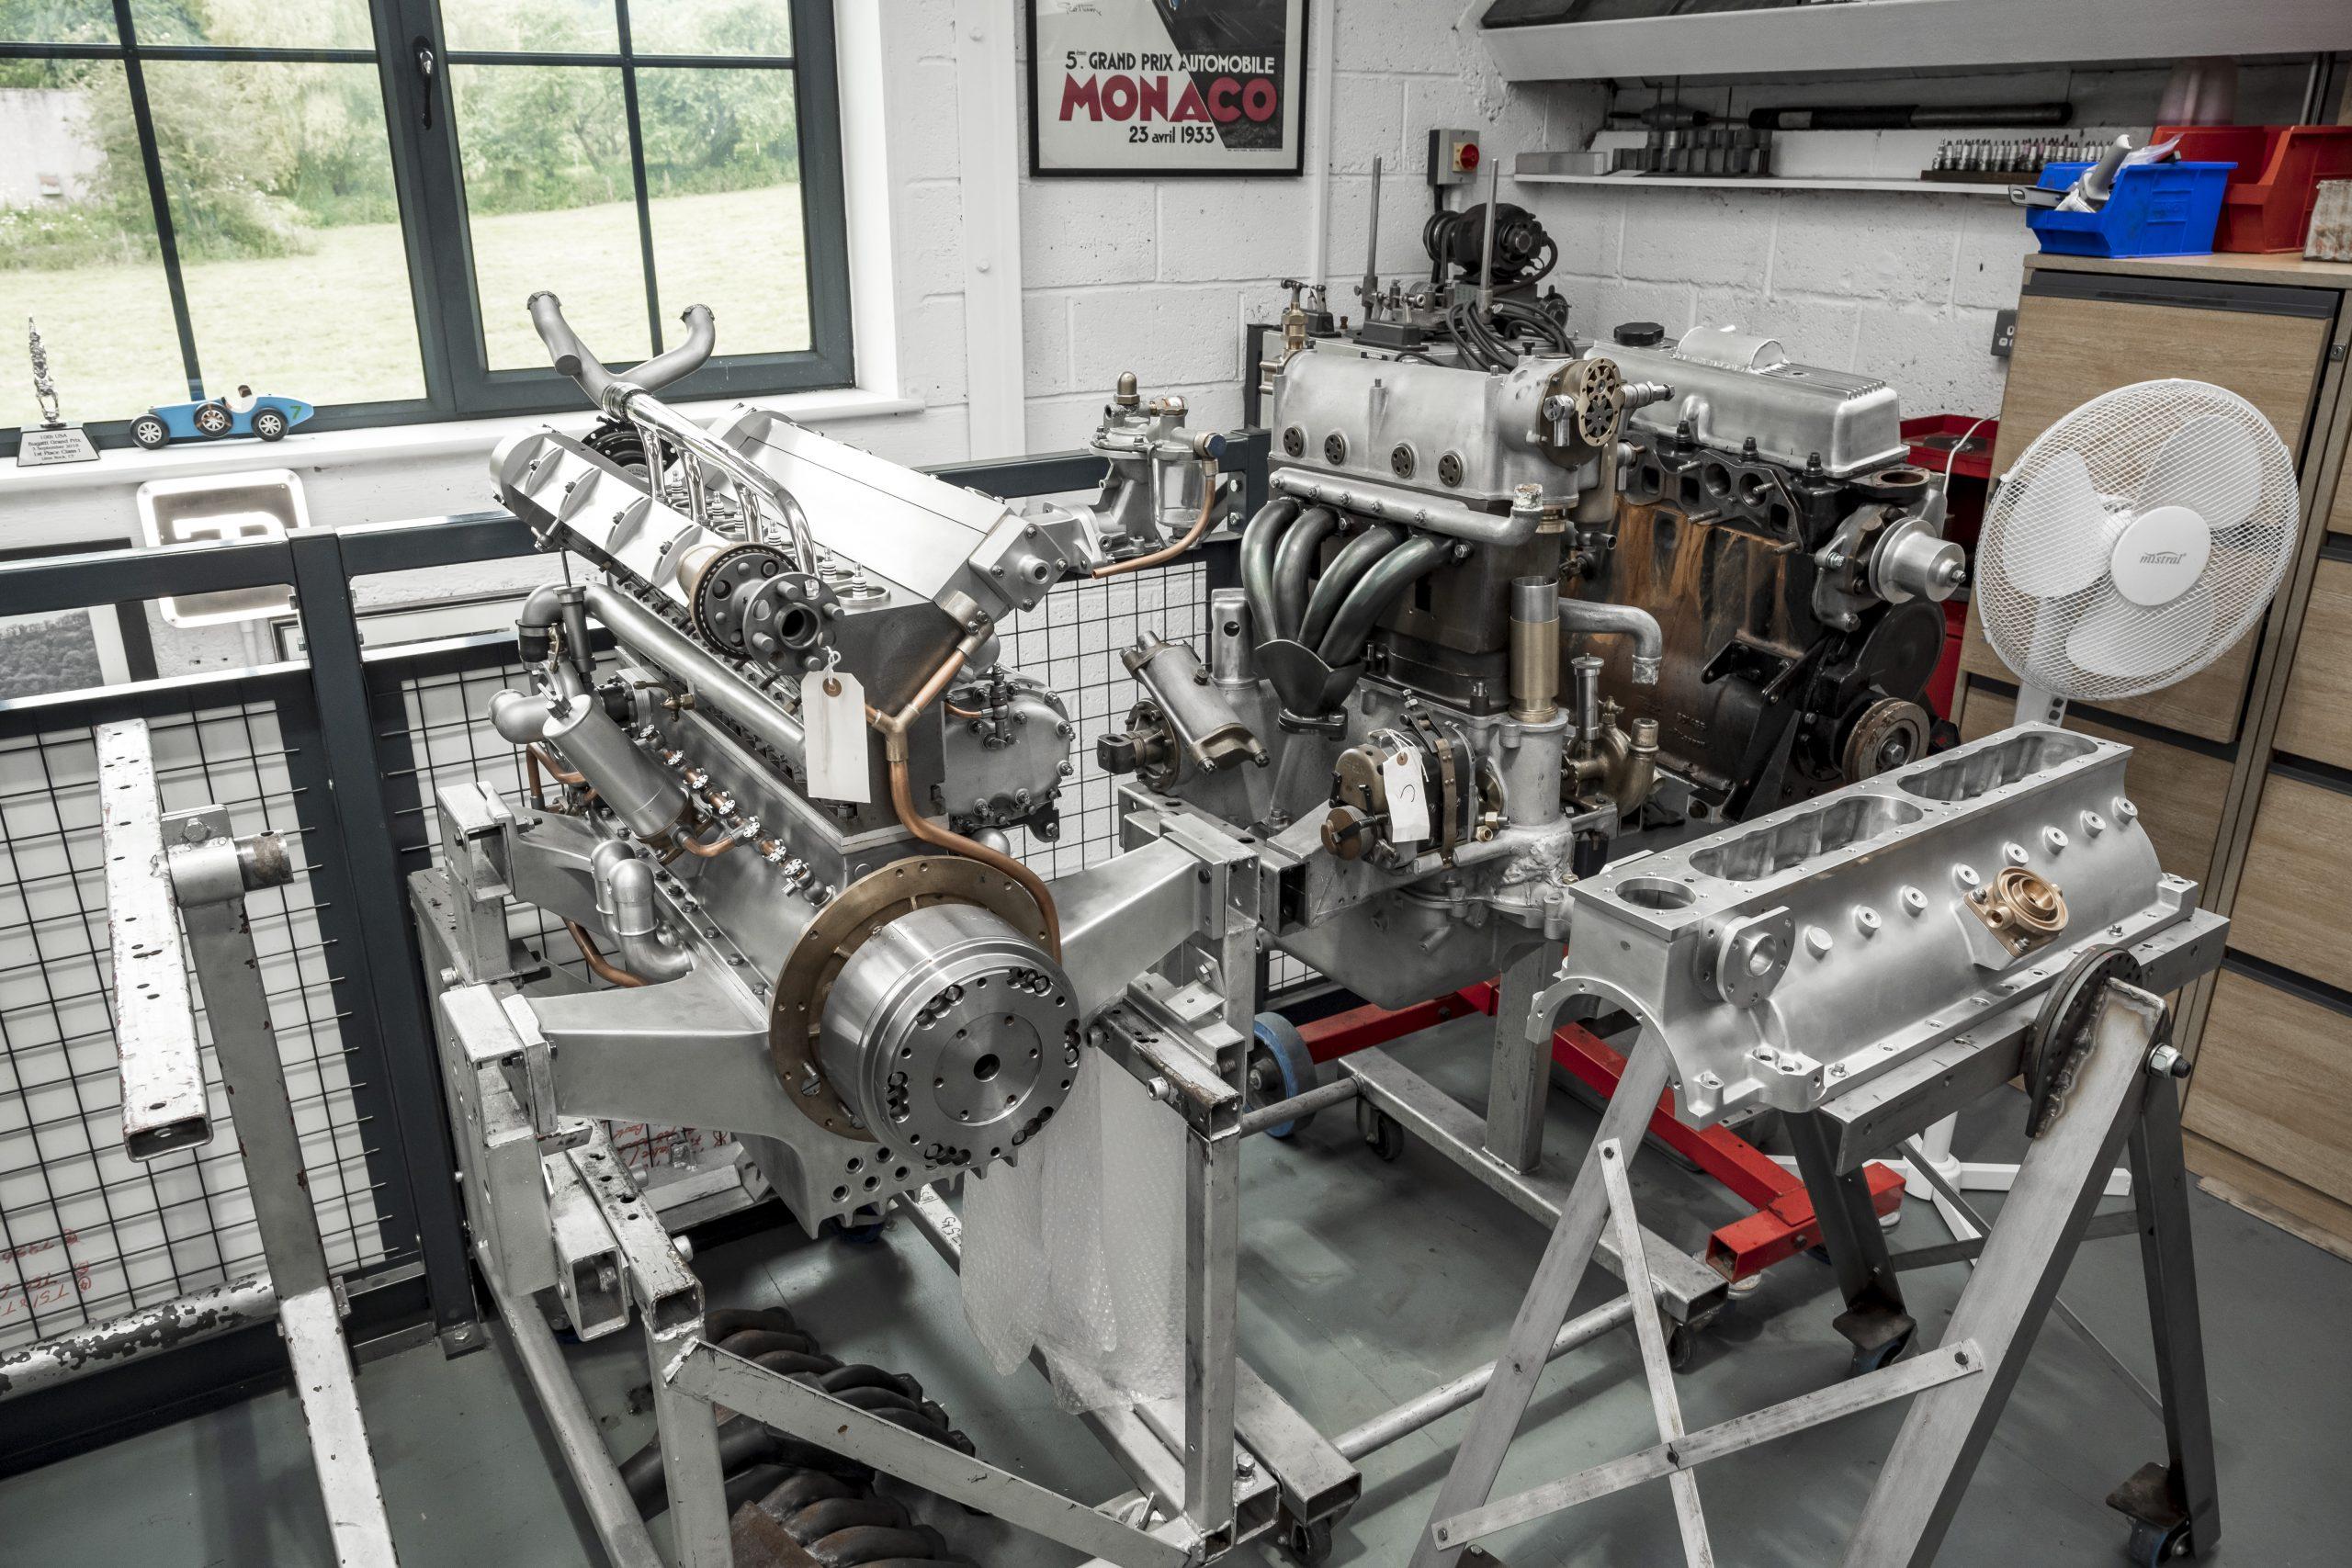 Tula Precision bugatti engines